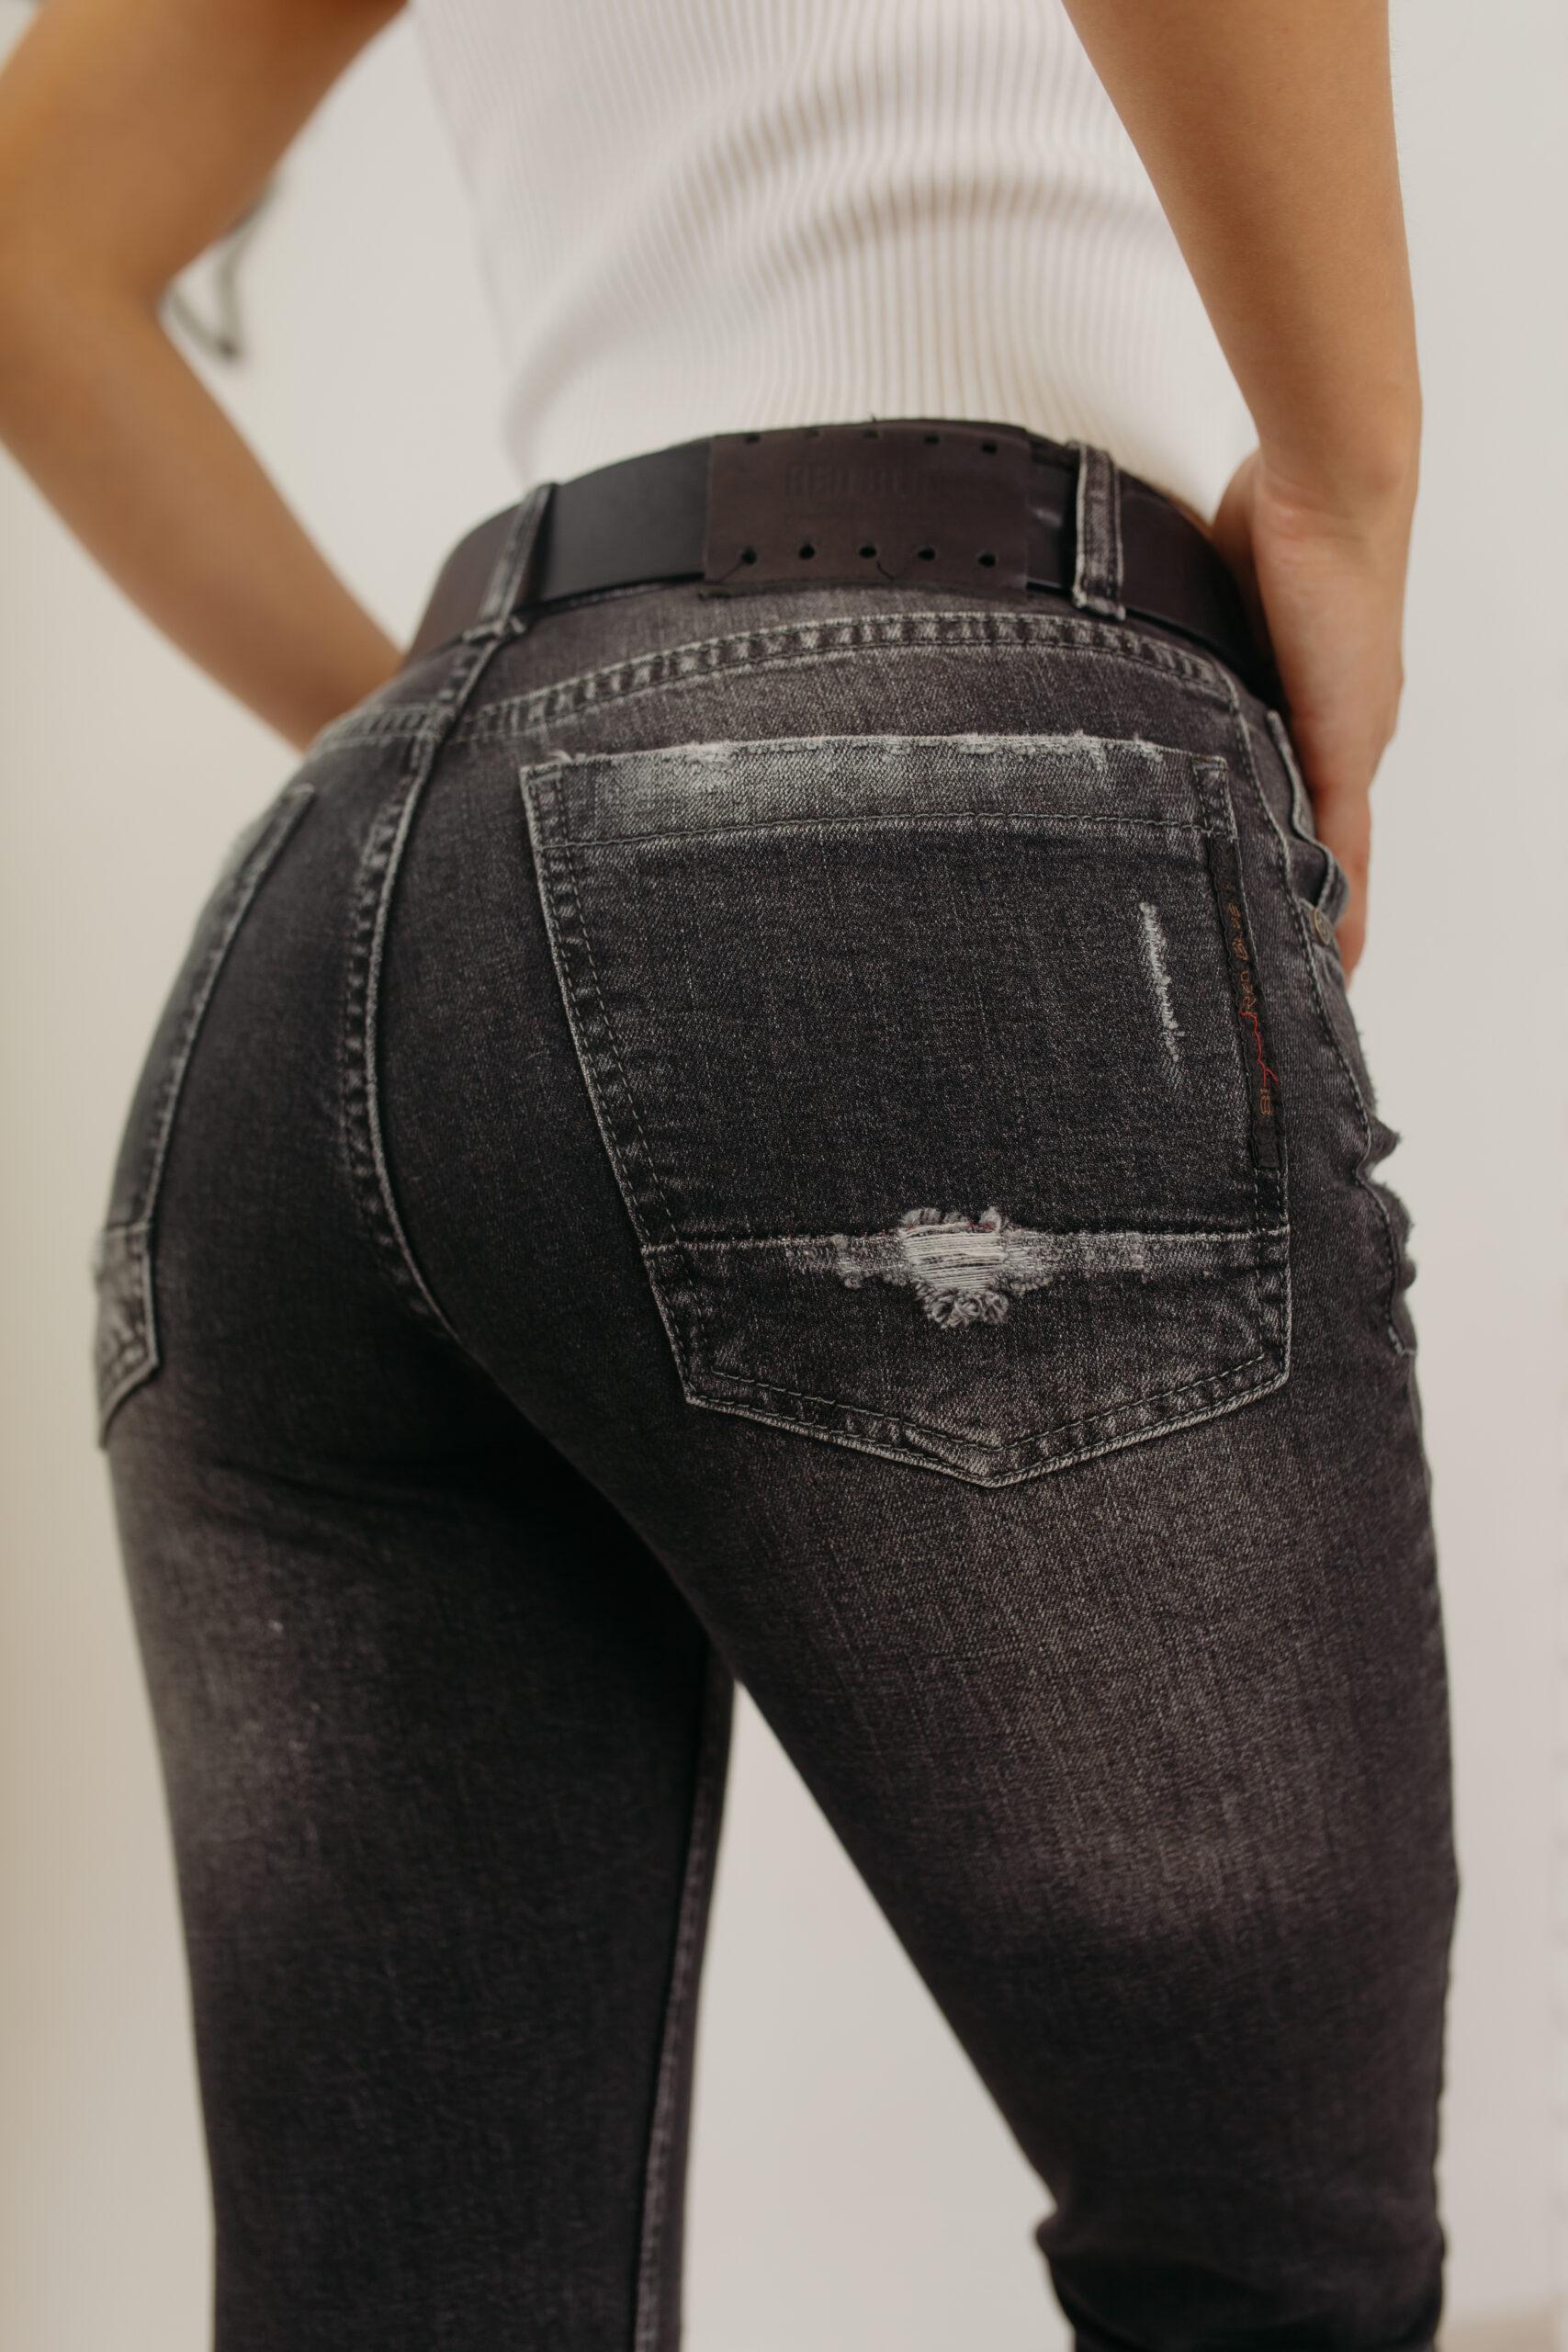 Как выбрать и купить крутую пару джинсов?